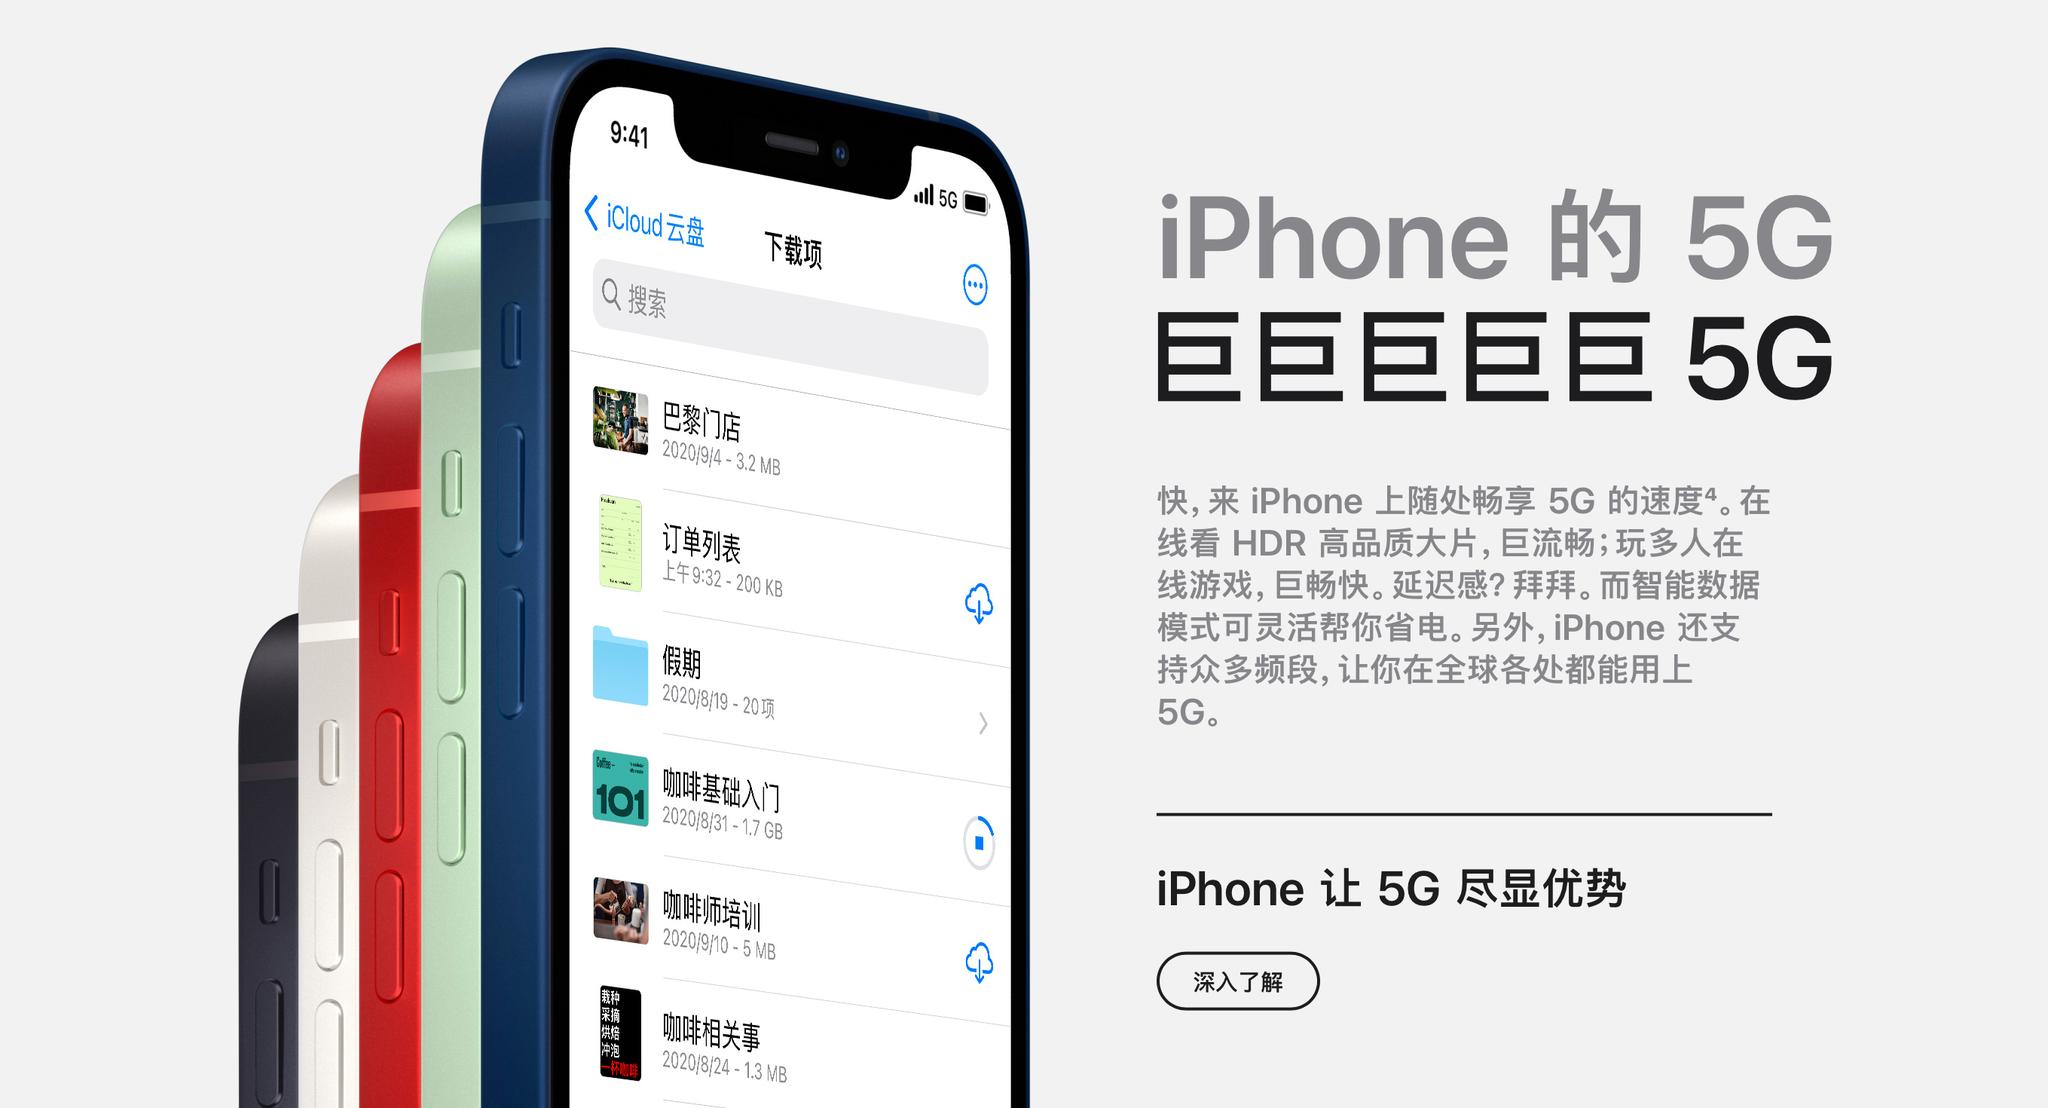 支持5G的iPhone12亮相!顶配11899元 配史上最大屏幕